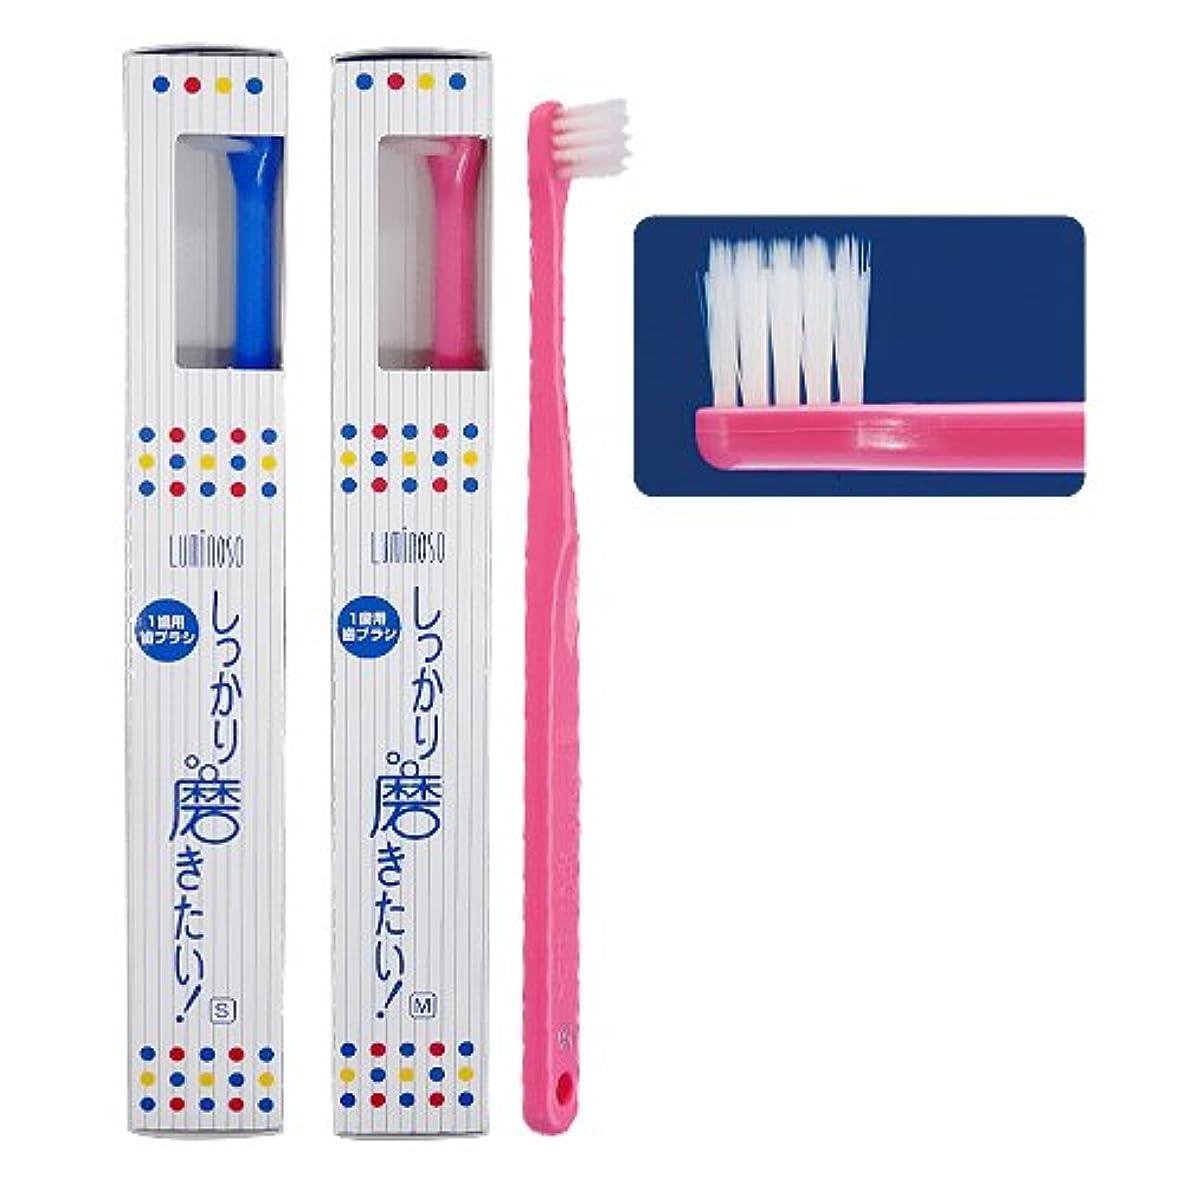 虐待手紙を書く論争の的ルミノソ 1歯用歯ブラシ「しっかり磨きたい!」スタンダード ソフト